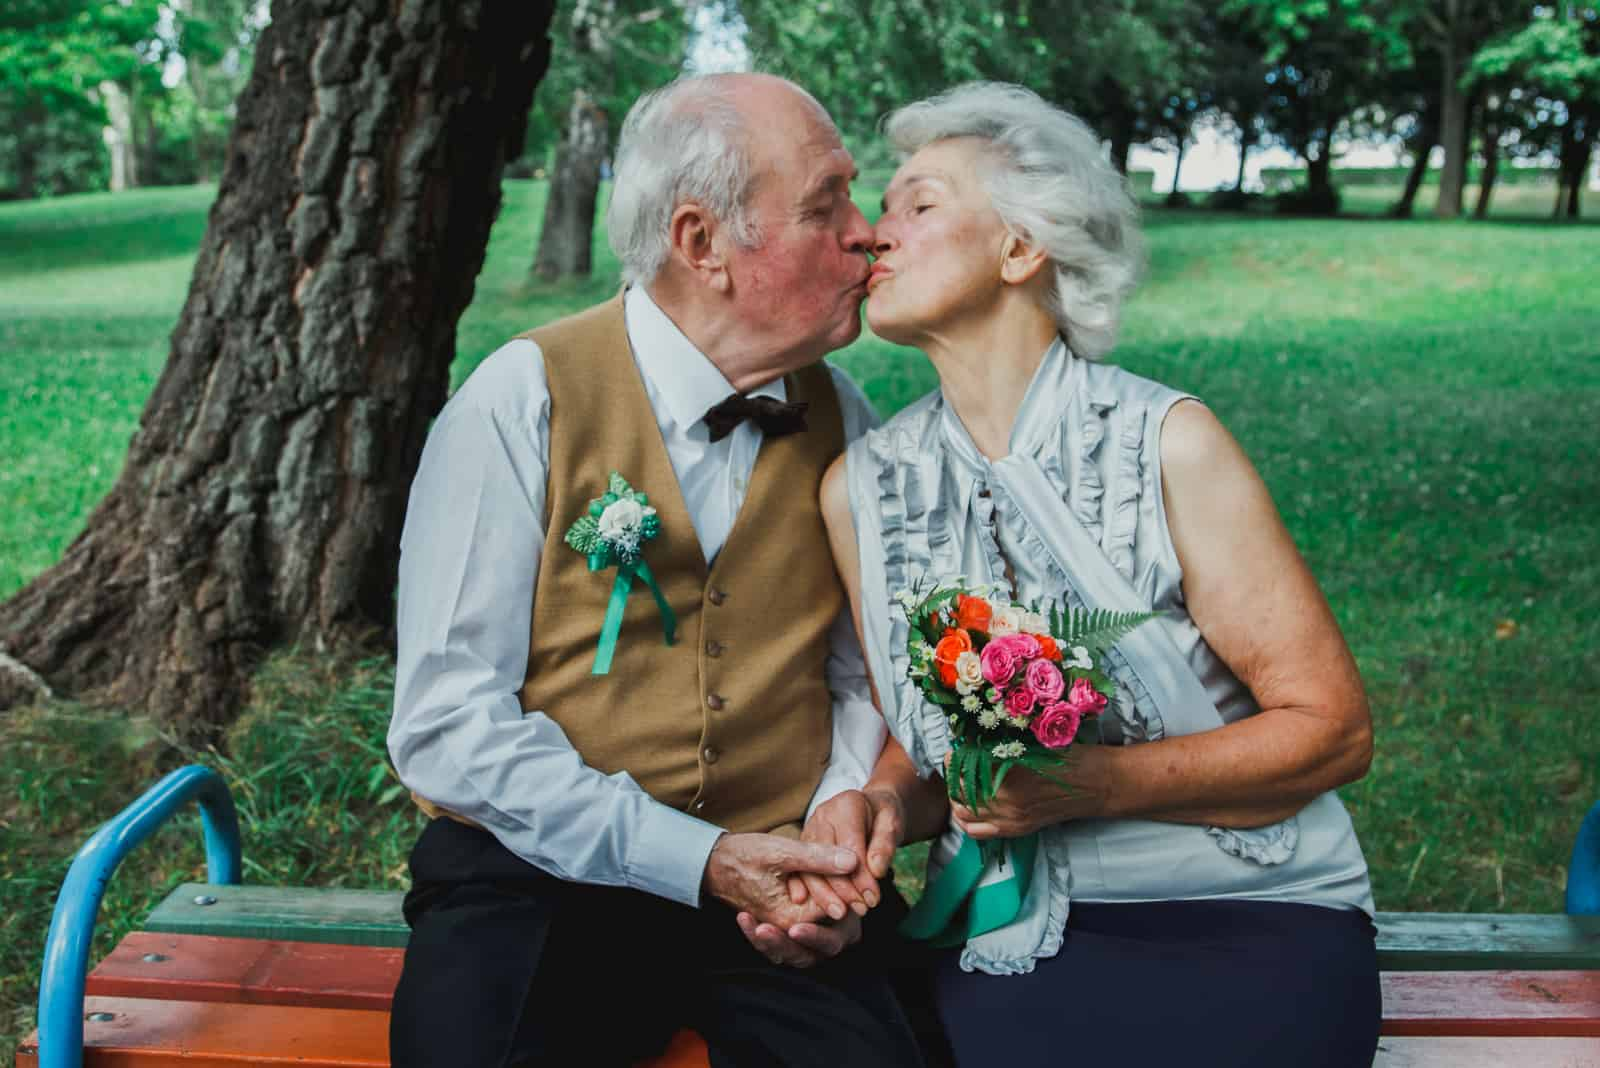 Altes Paar sitzt auf Bank im grünen Park